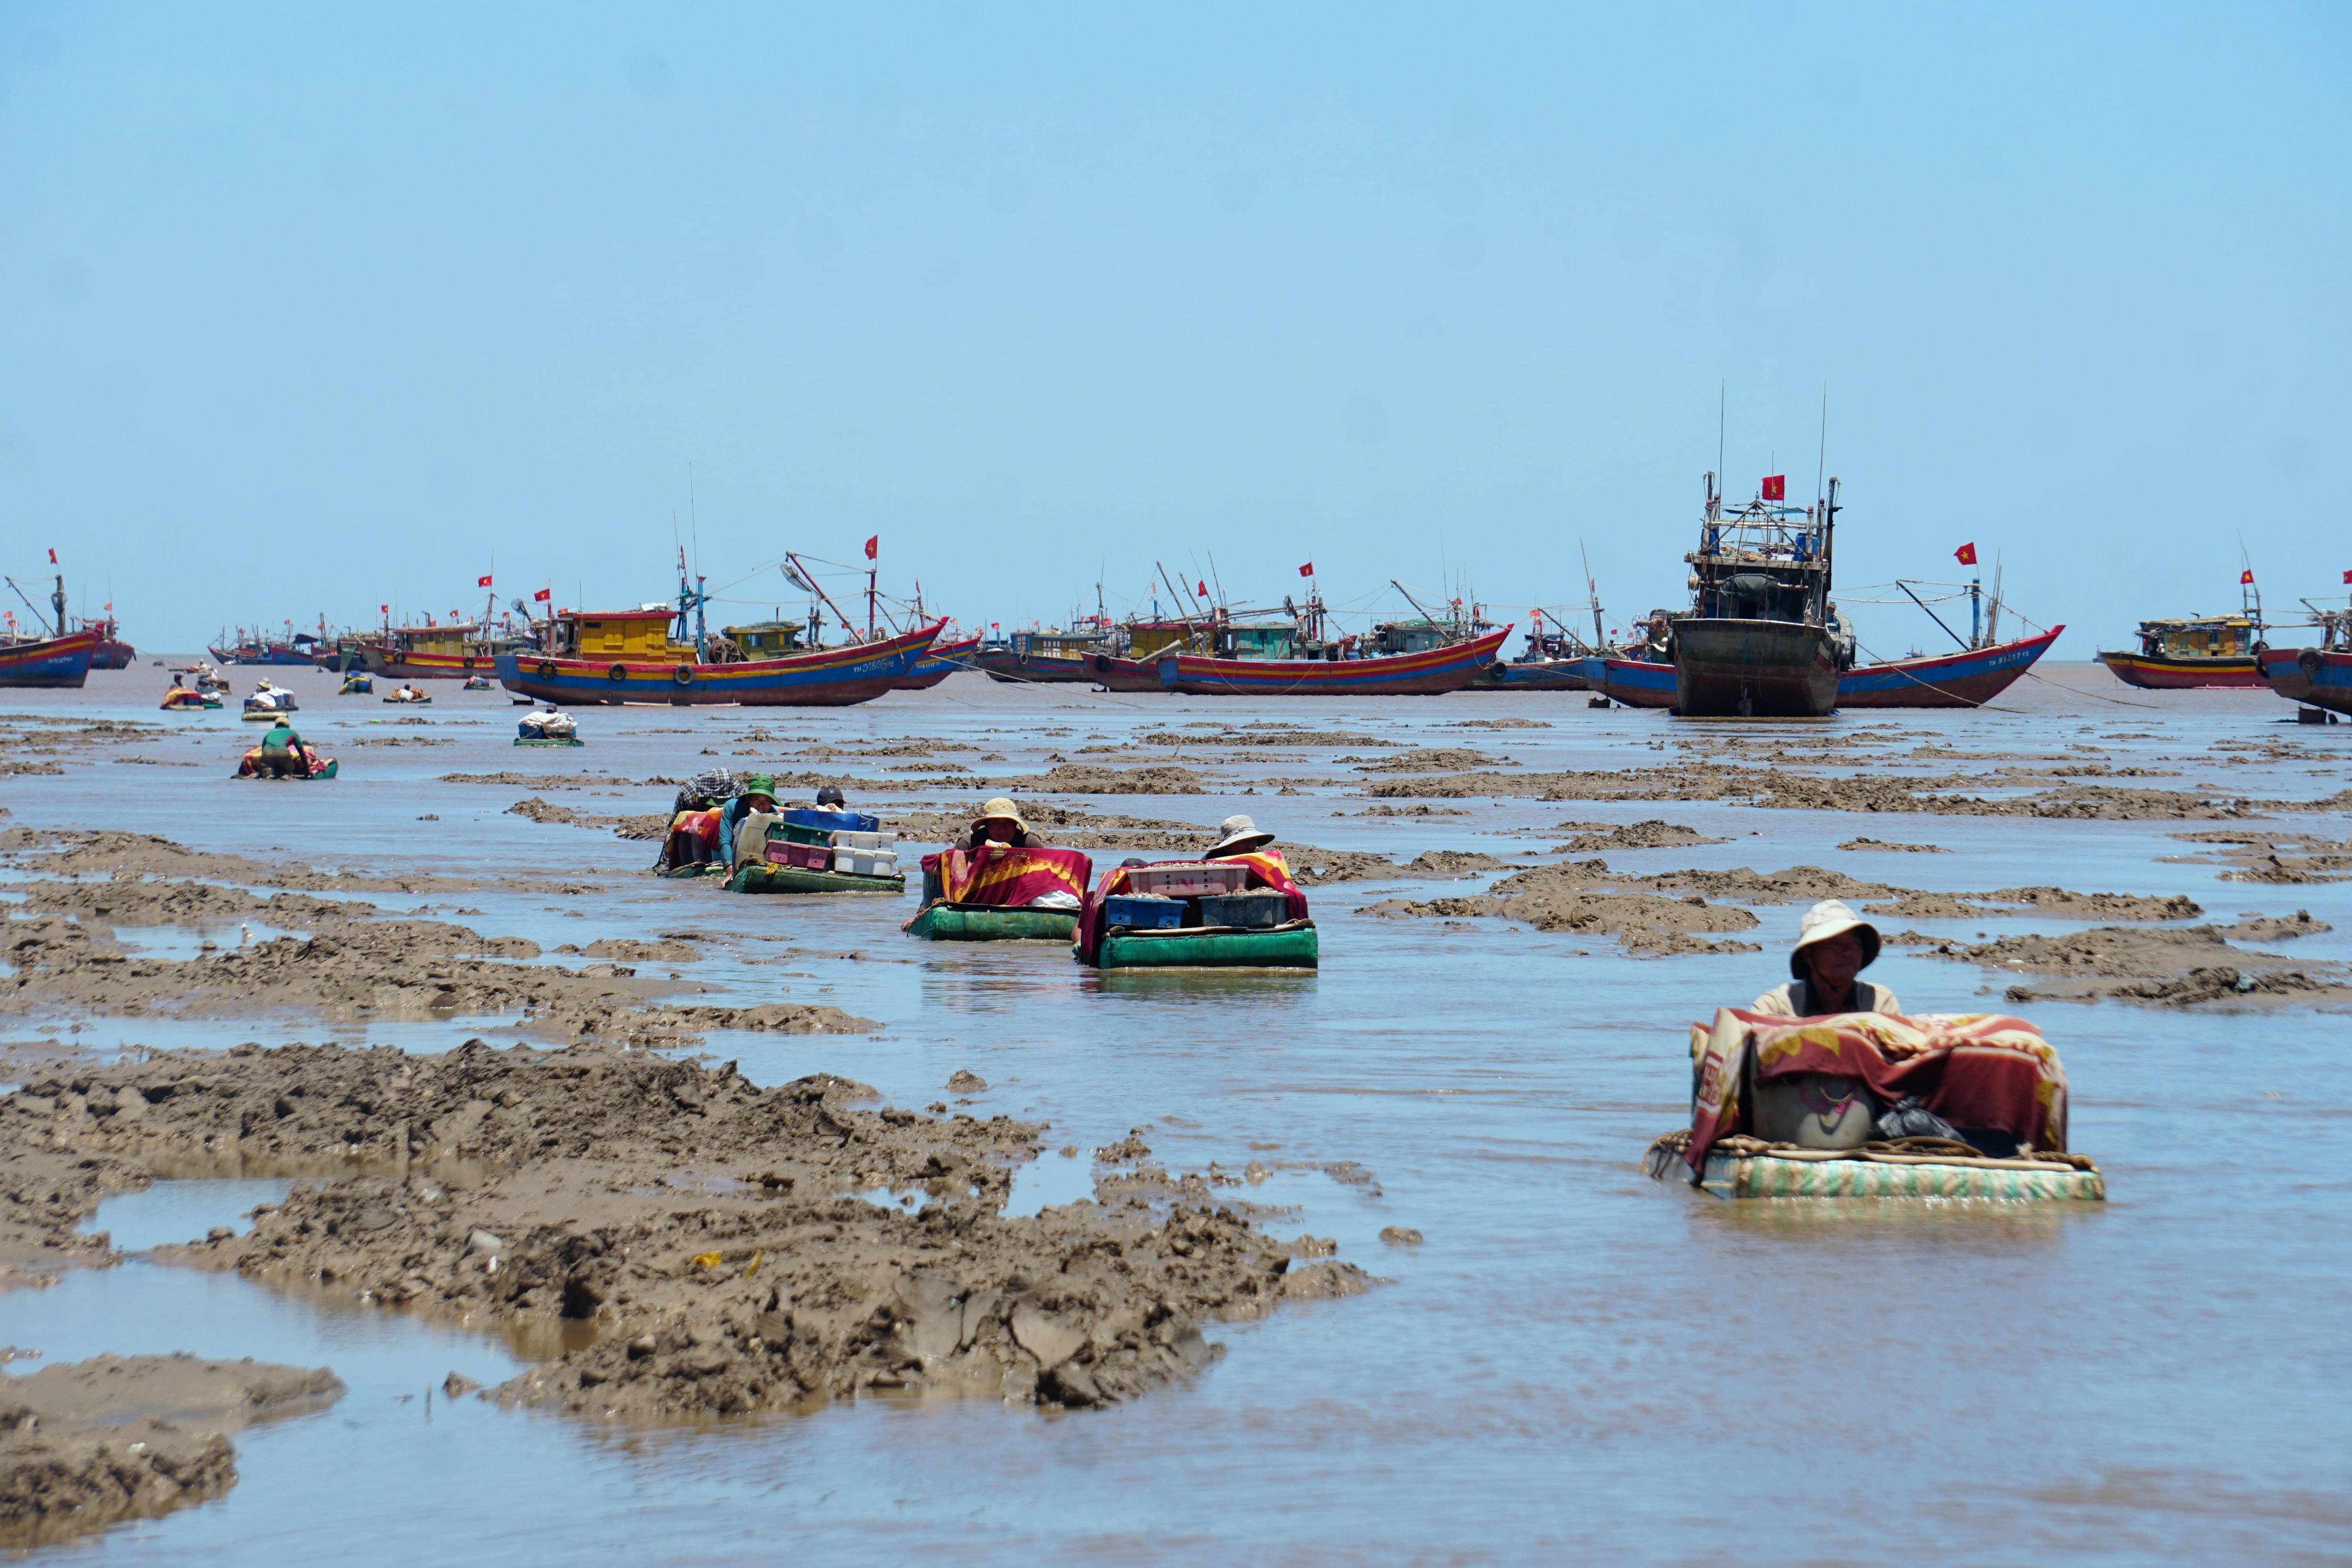 Ngư dân mướt mồ hôi lội bùn đẩy cạn giữa trưa nắng - 2